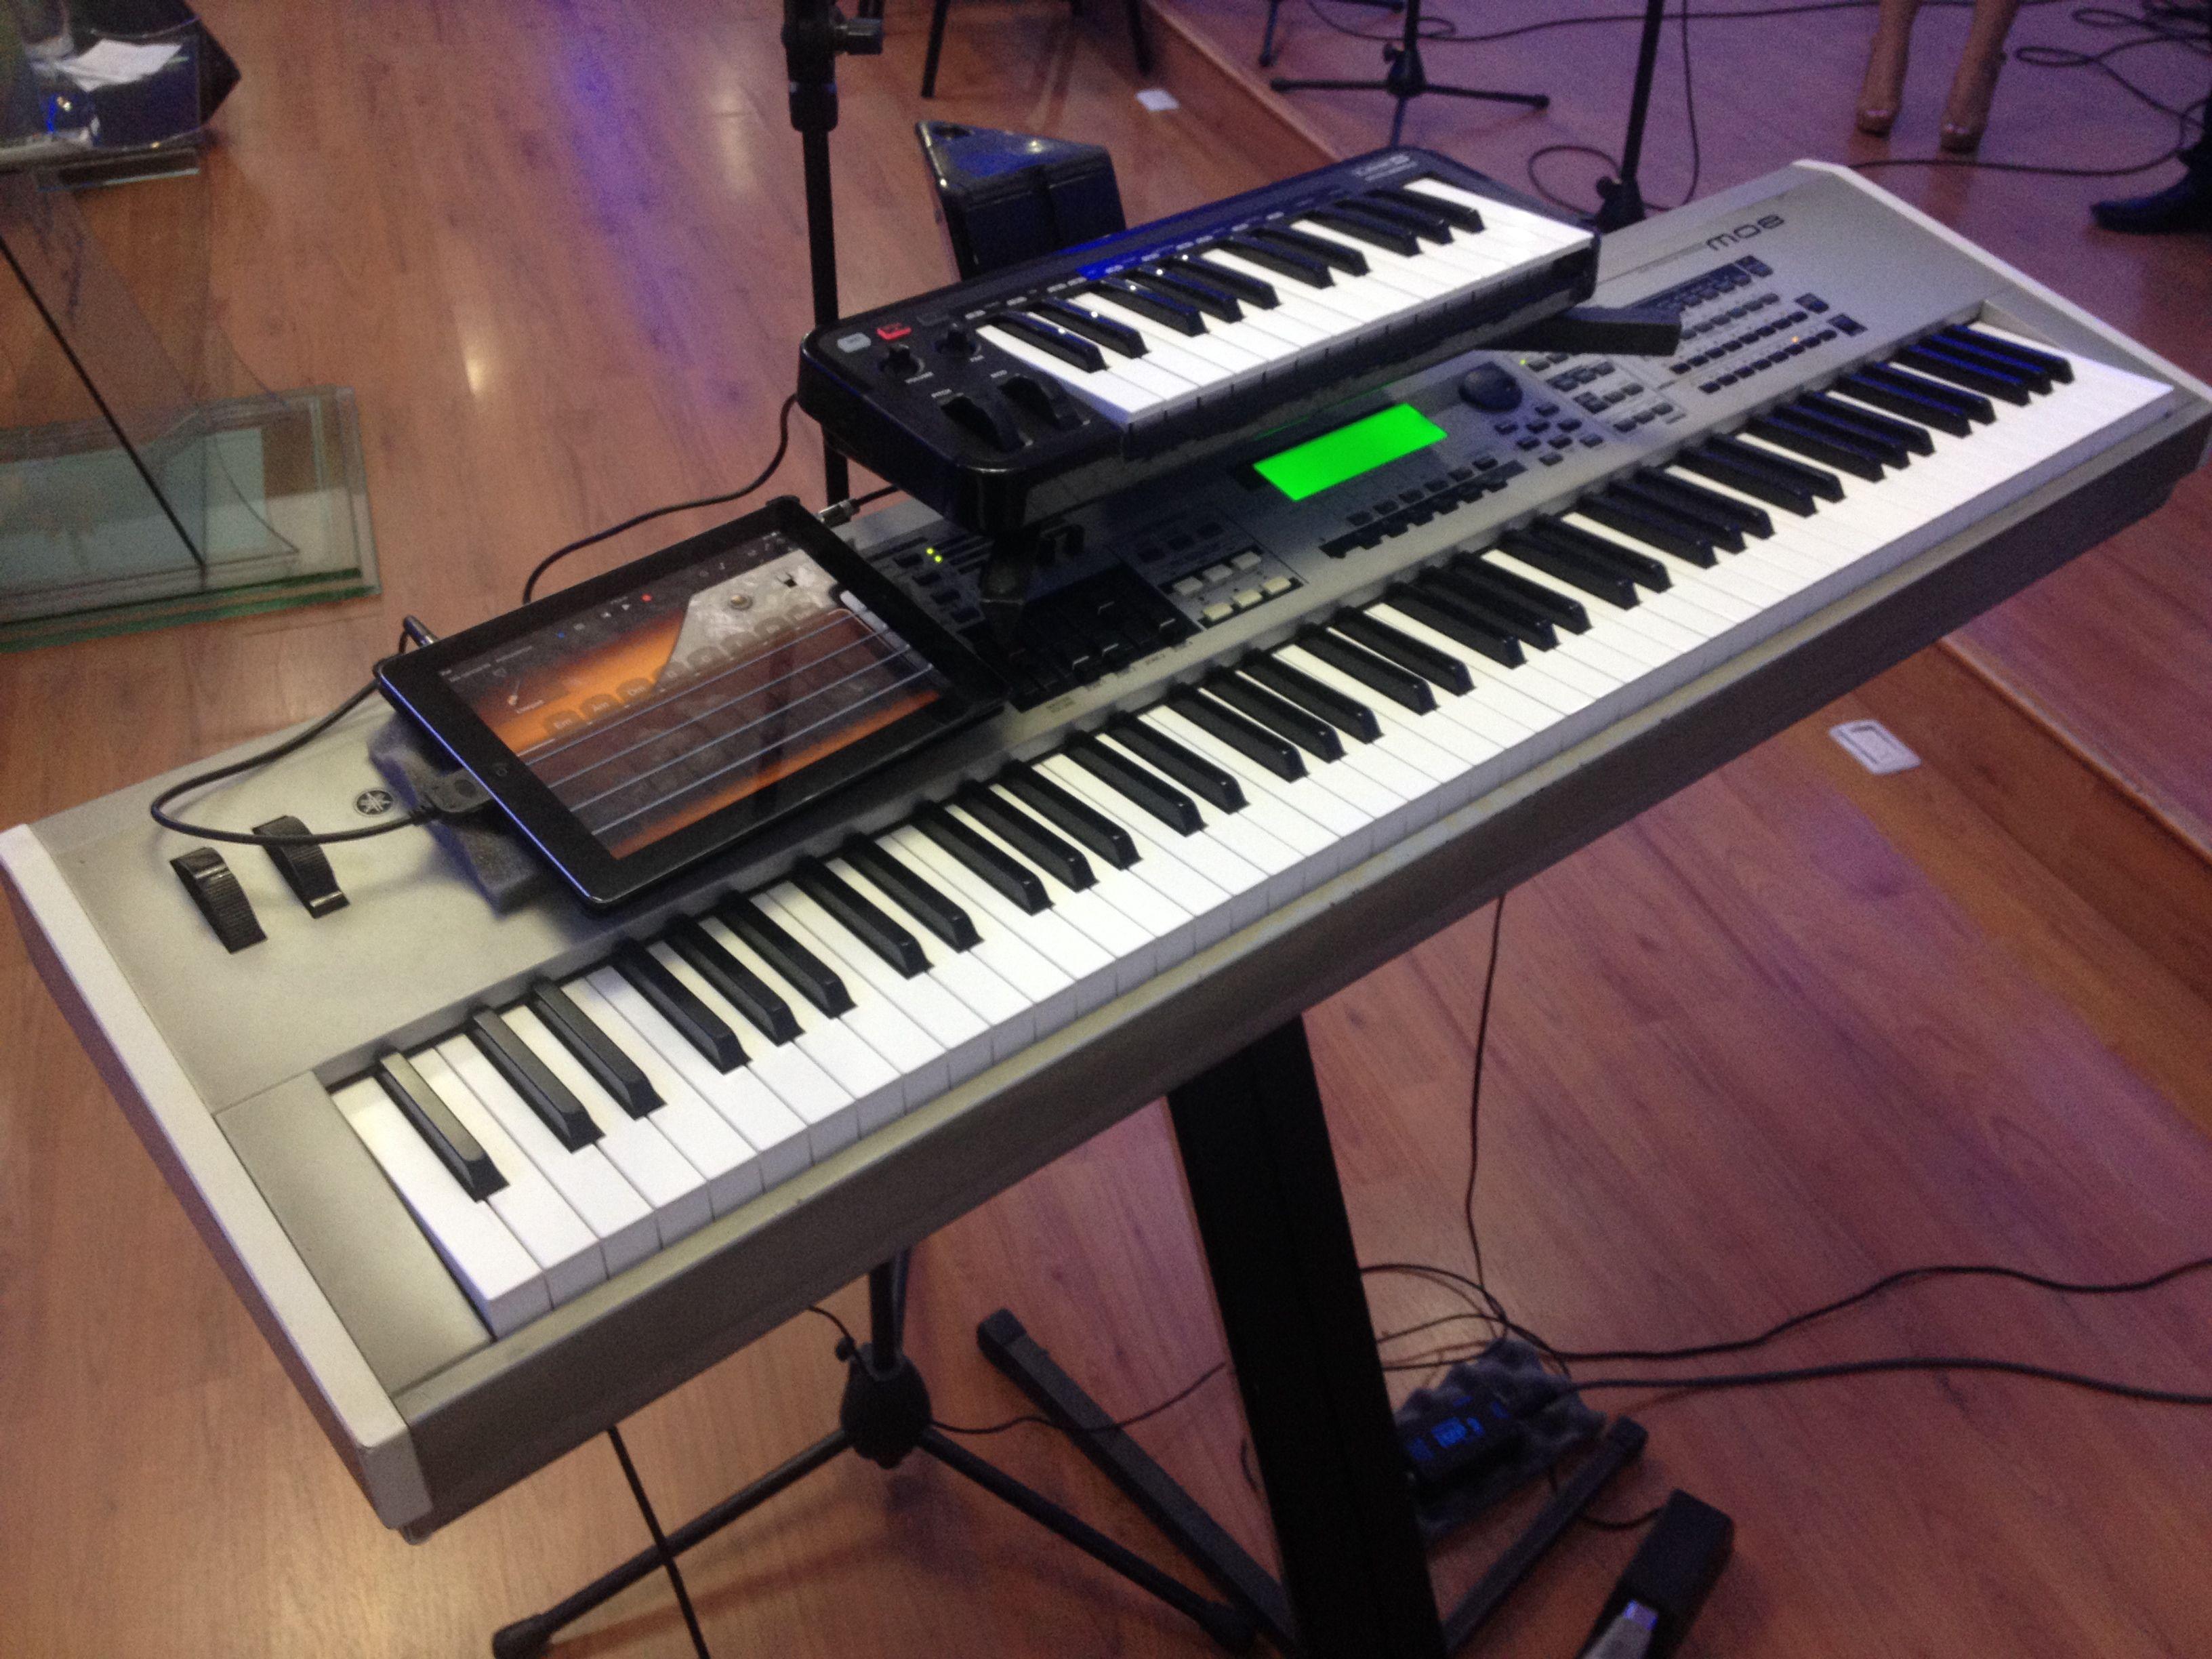 Garage Band Keyboard : Line keyboard yamahamo ipad garageband musical inspiration